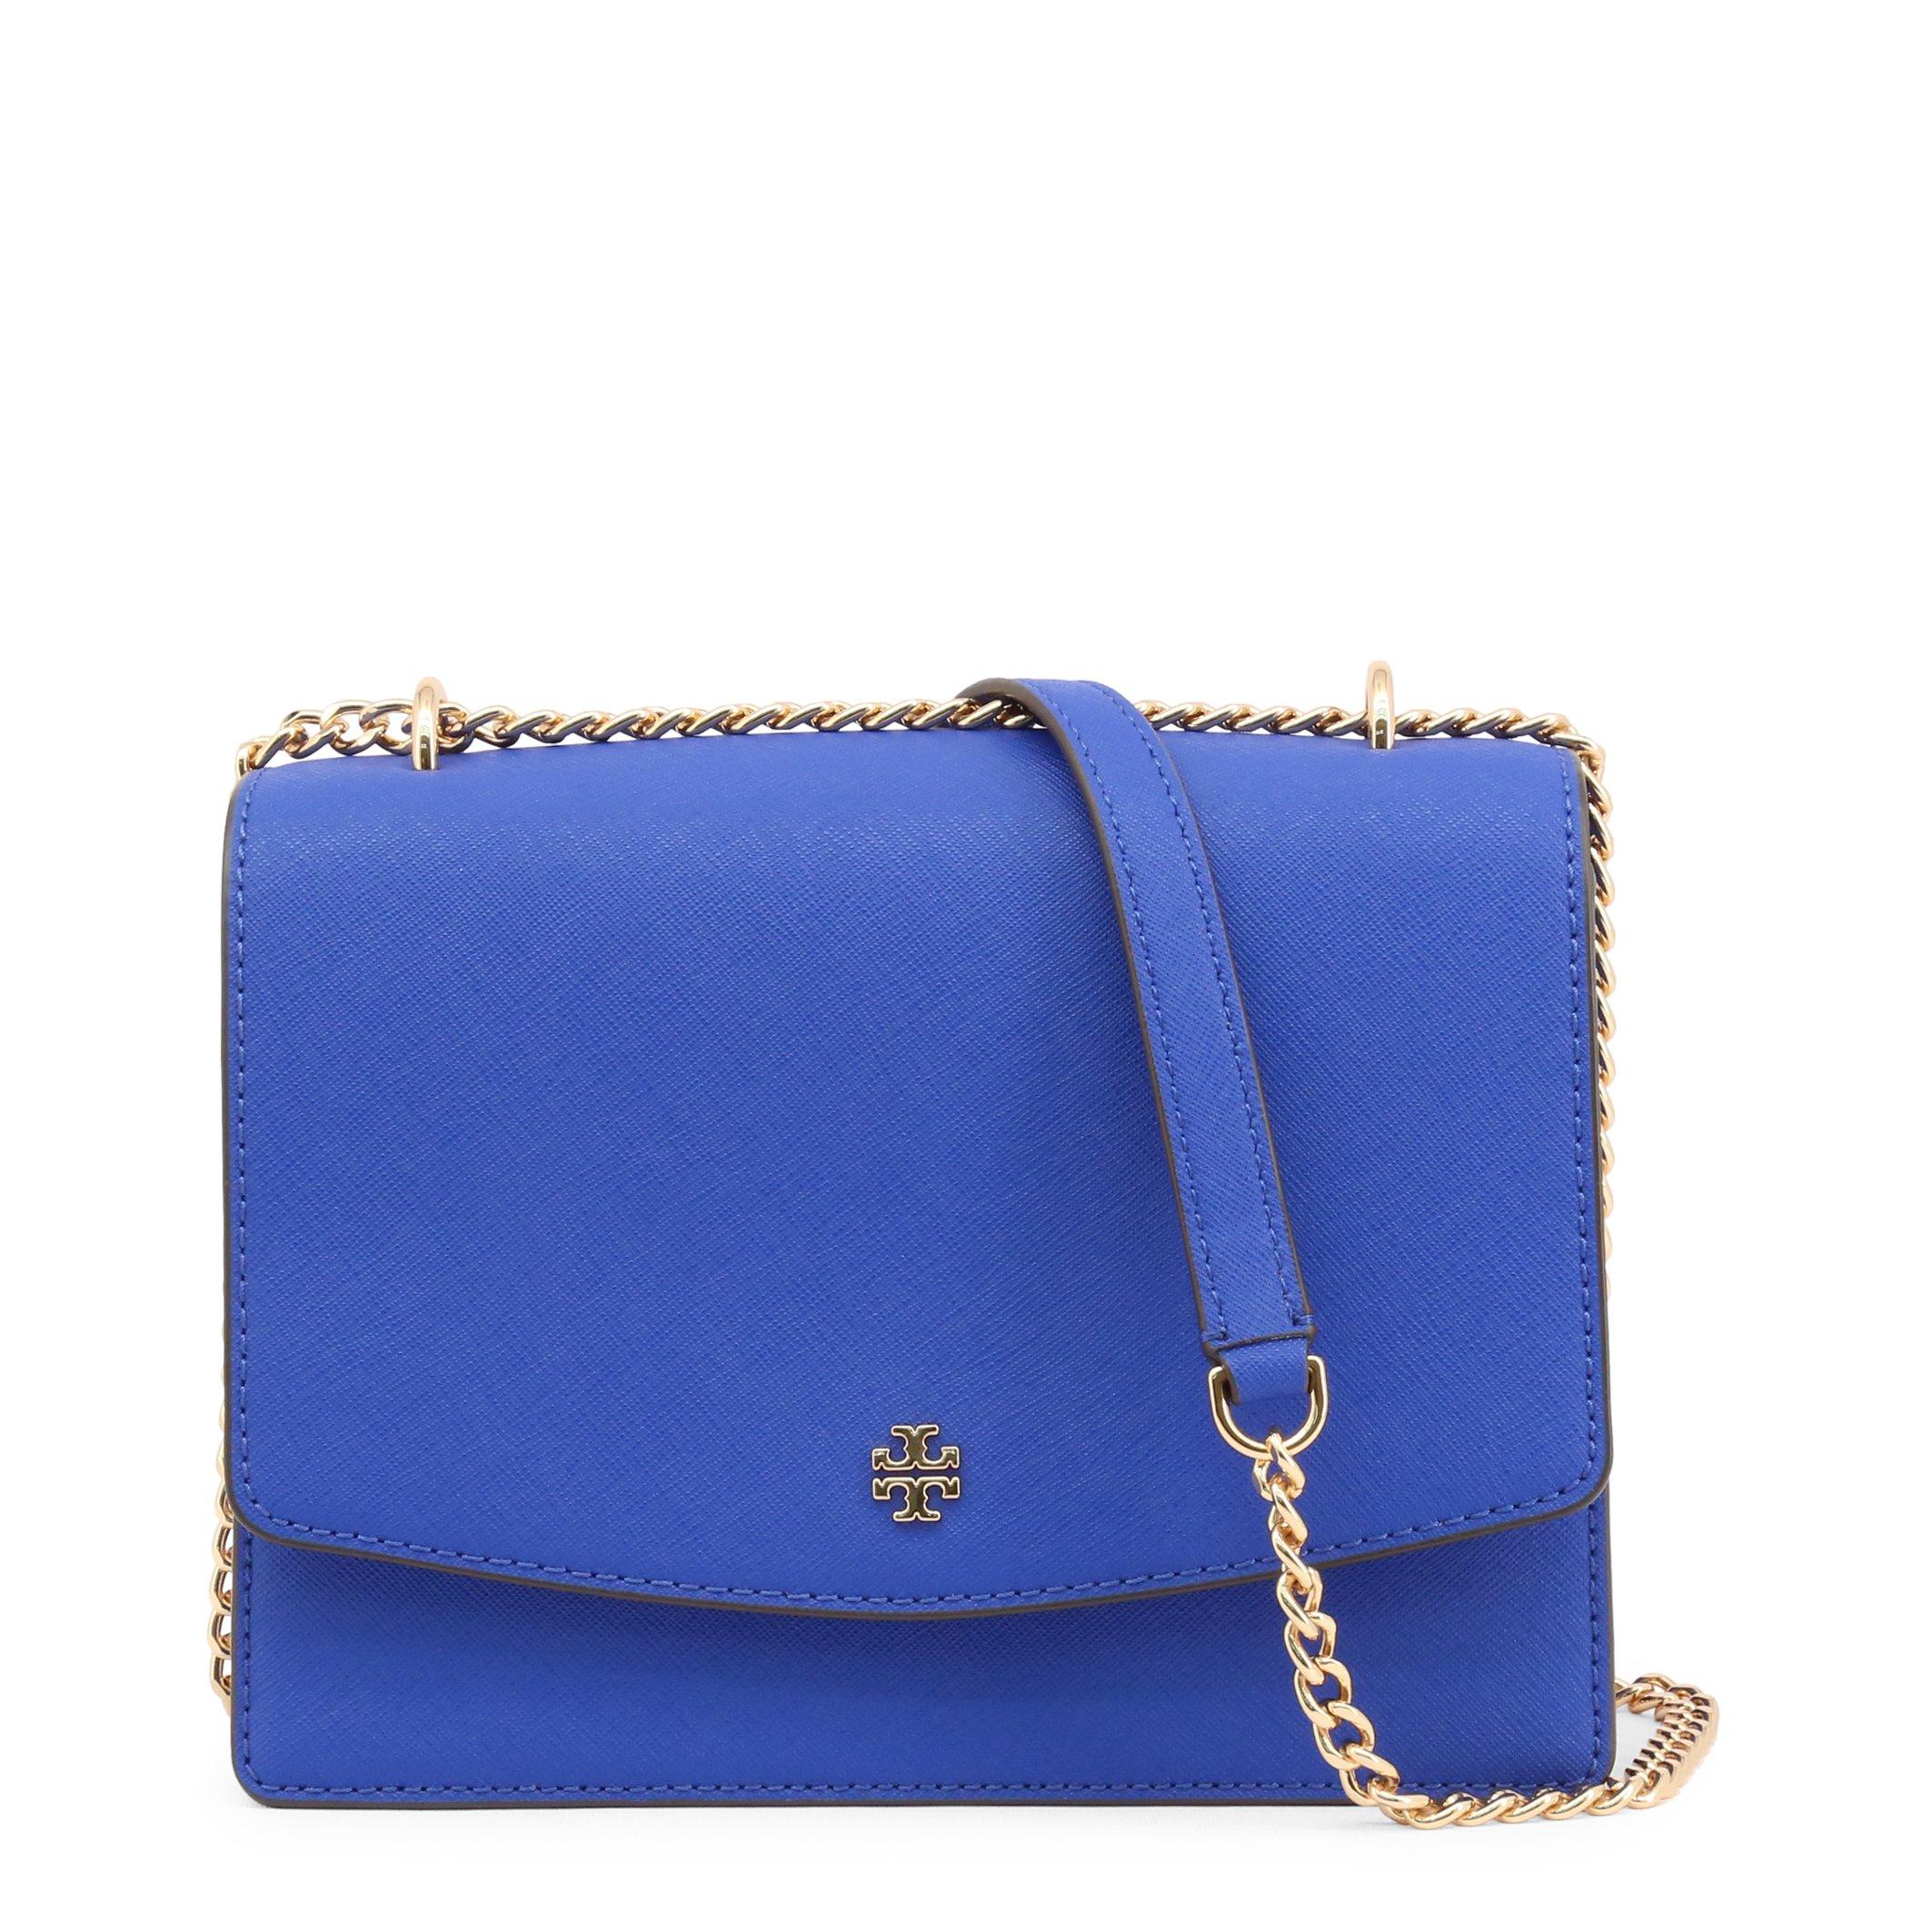 Tory Burch Women's Shoulder Bag Various Colours 78604 - blue-1 NOSIZE